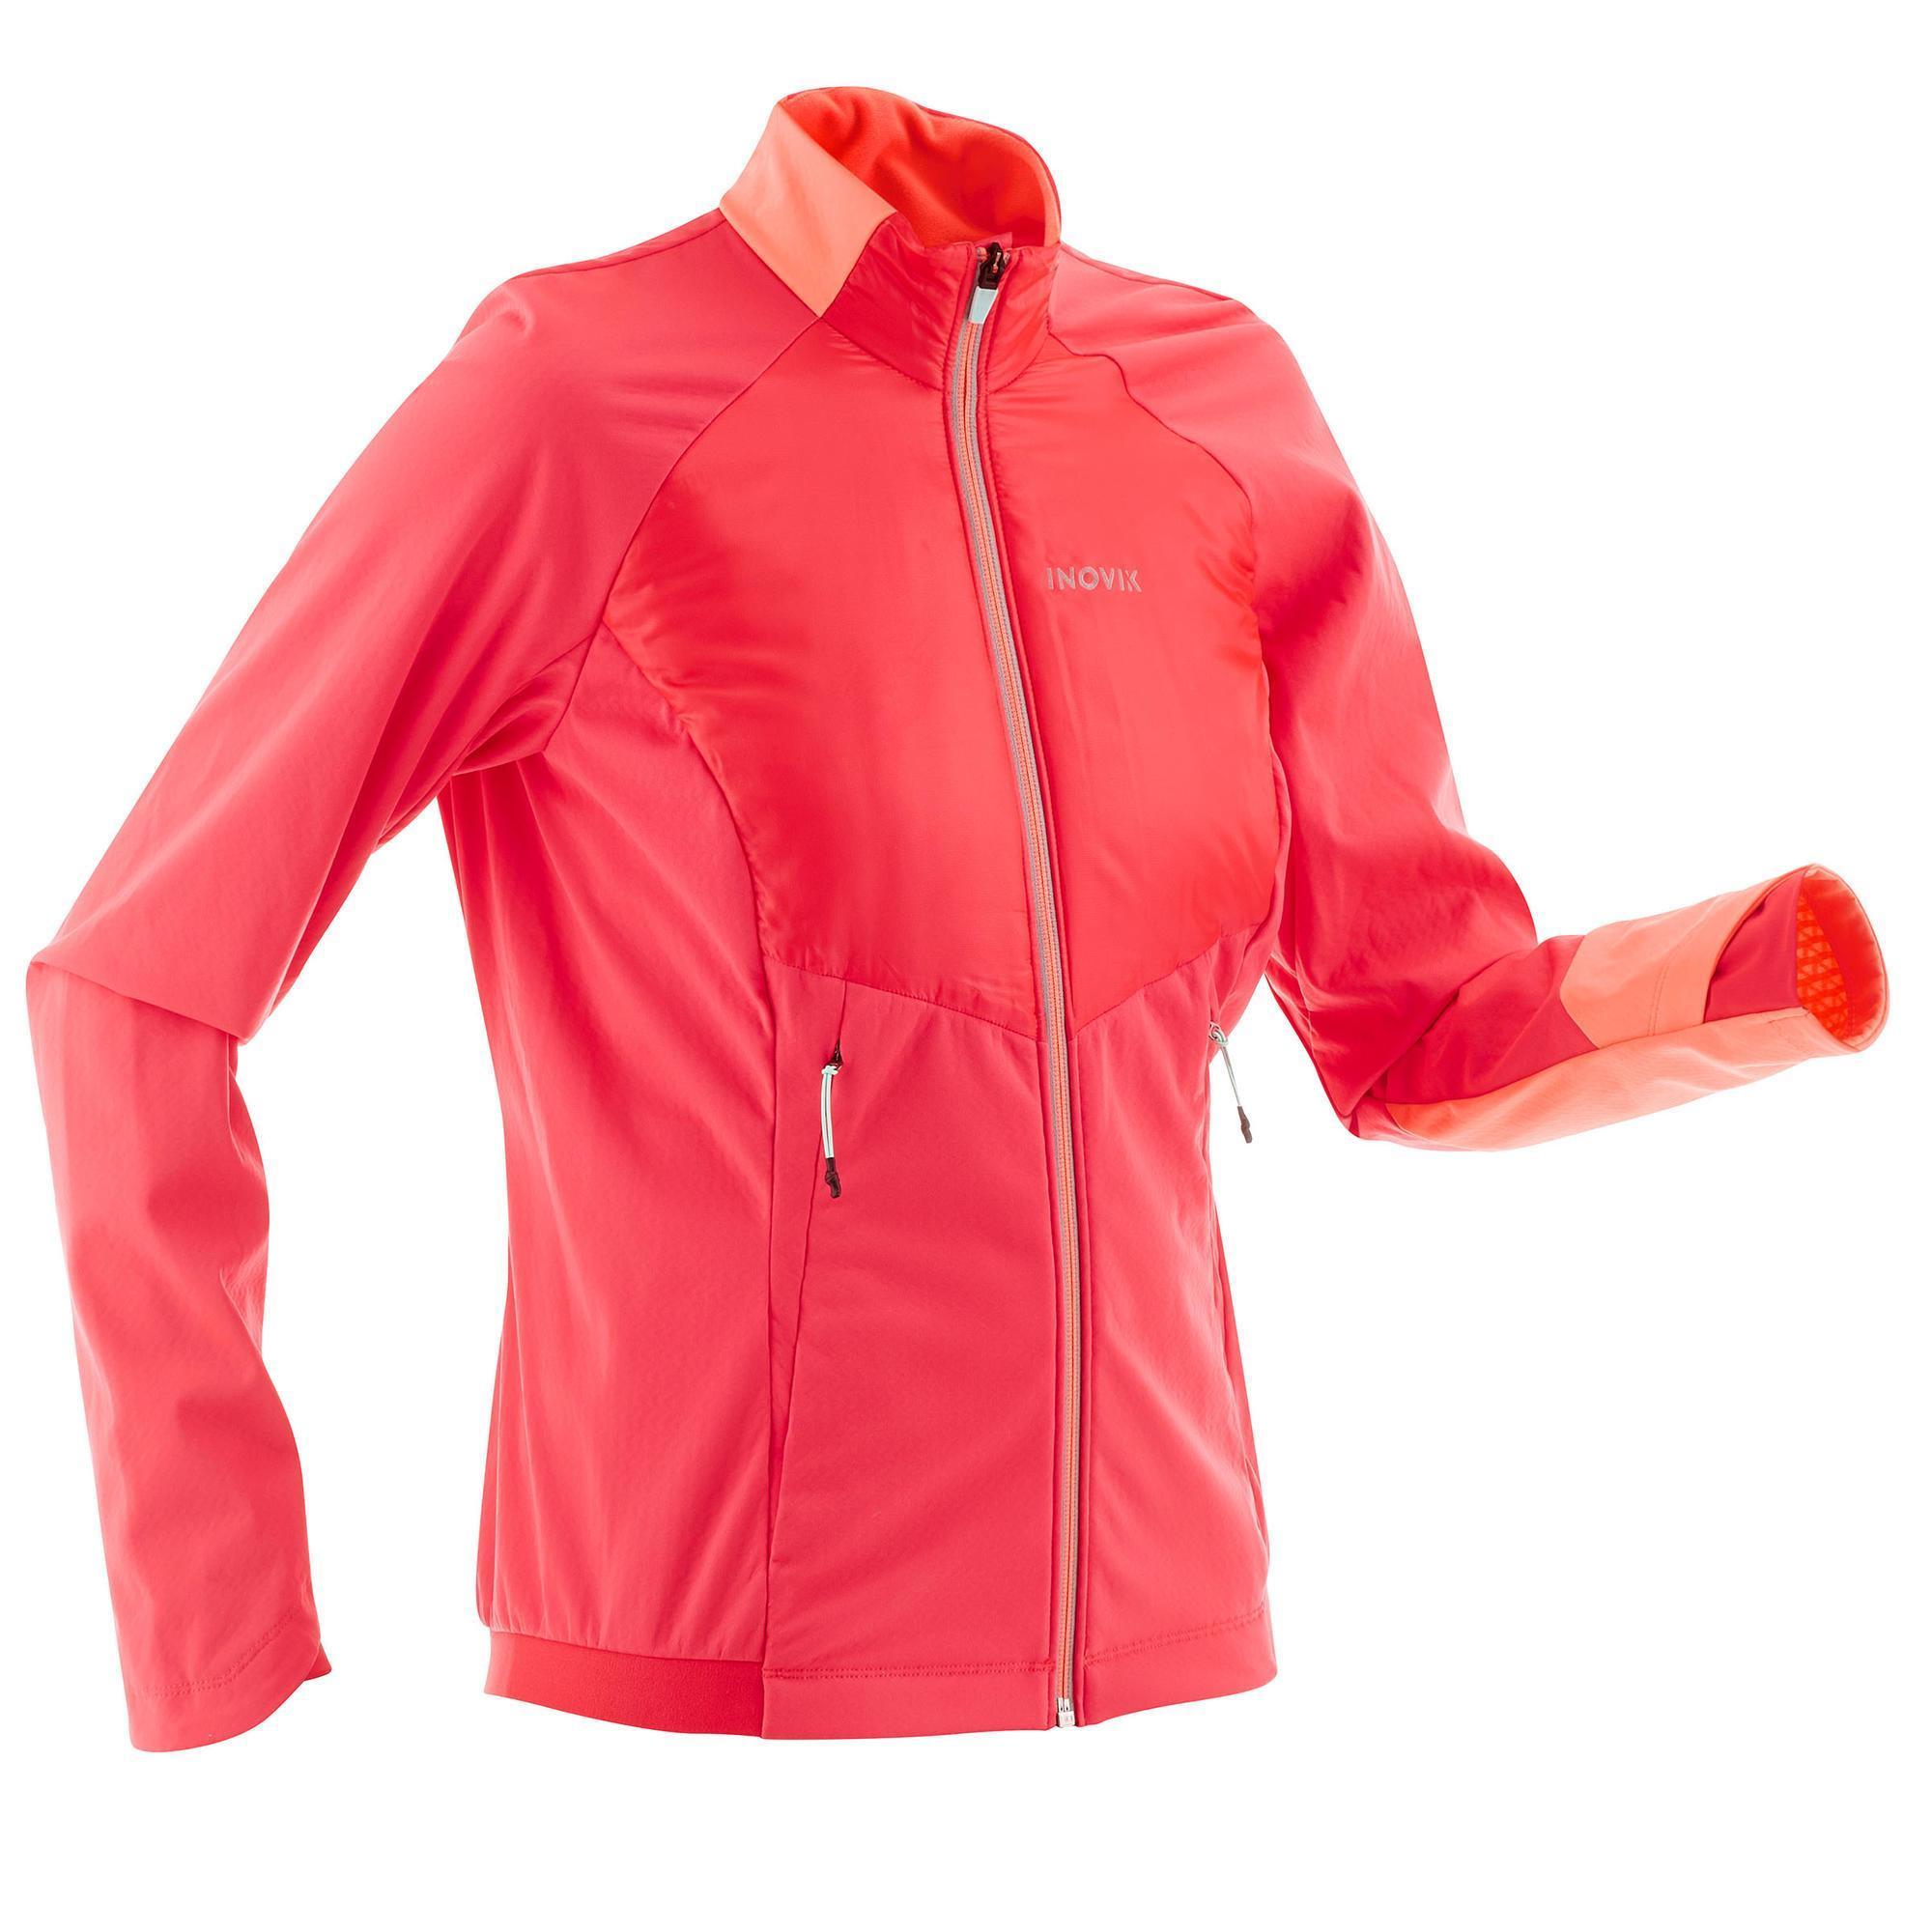 Inovik Warme langlaufjas voor dames XS S JKT 550 roze